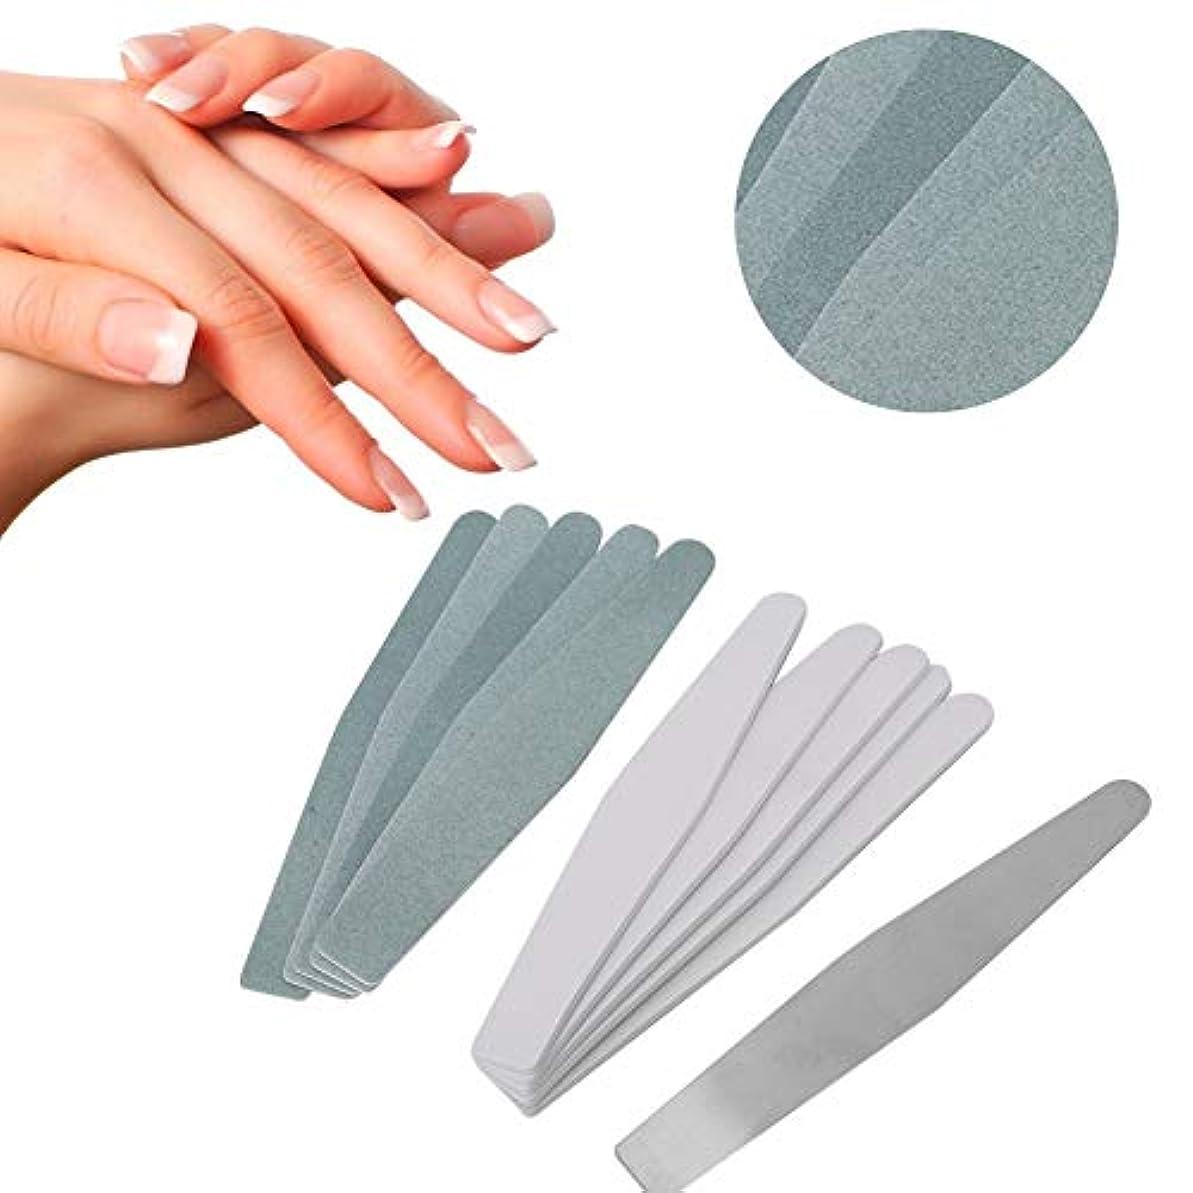 校長くちばしぺディカブネイルアート 緩衝ファイル 磨く釘の芸術のための取り替え可能なステンレス鋼の釘砂棒(01)